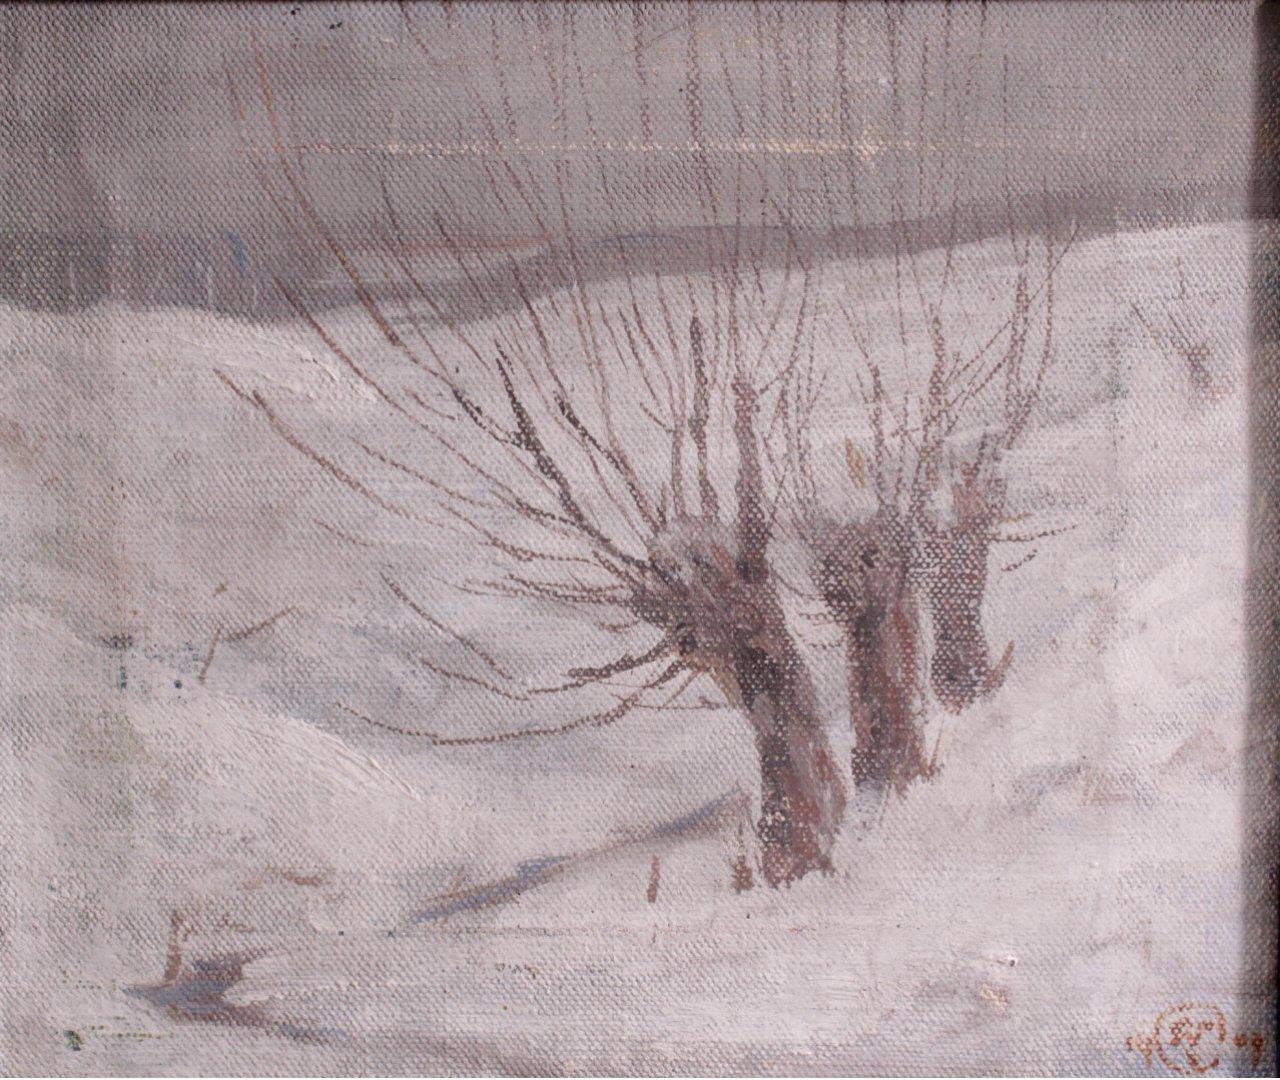 Reinhard PFAEHLER VON OTHEGRAVEN (1875-?)